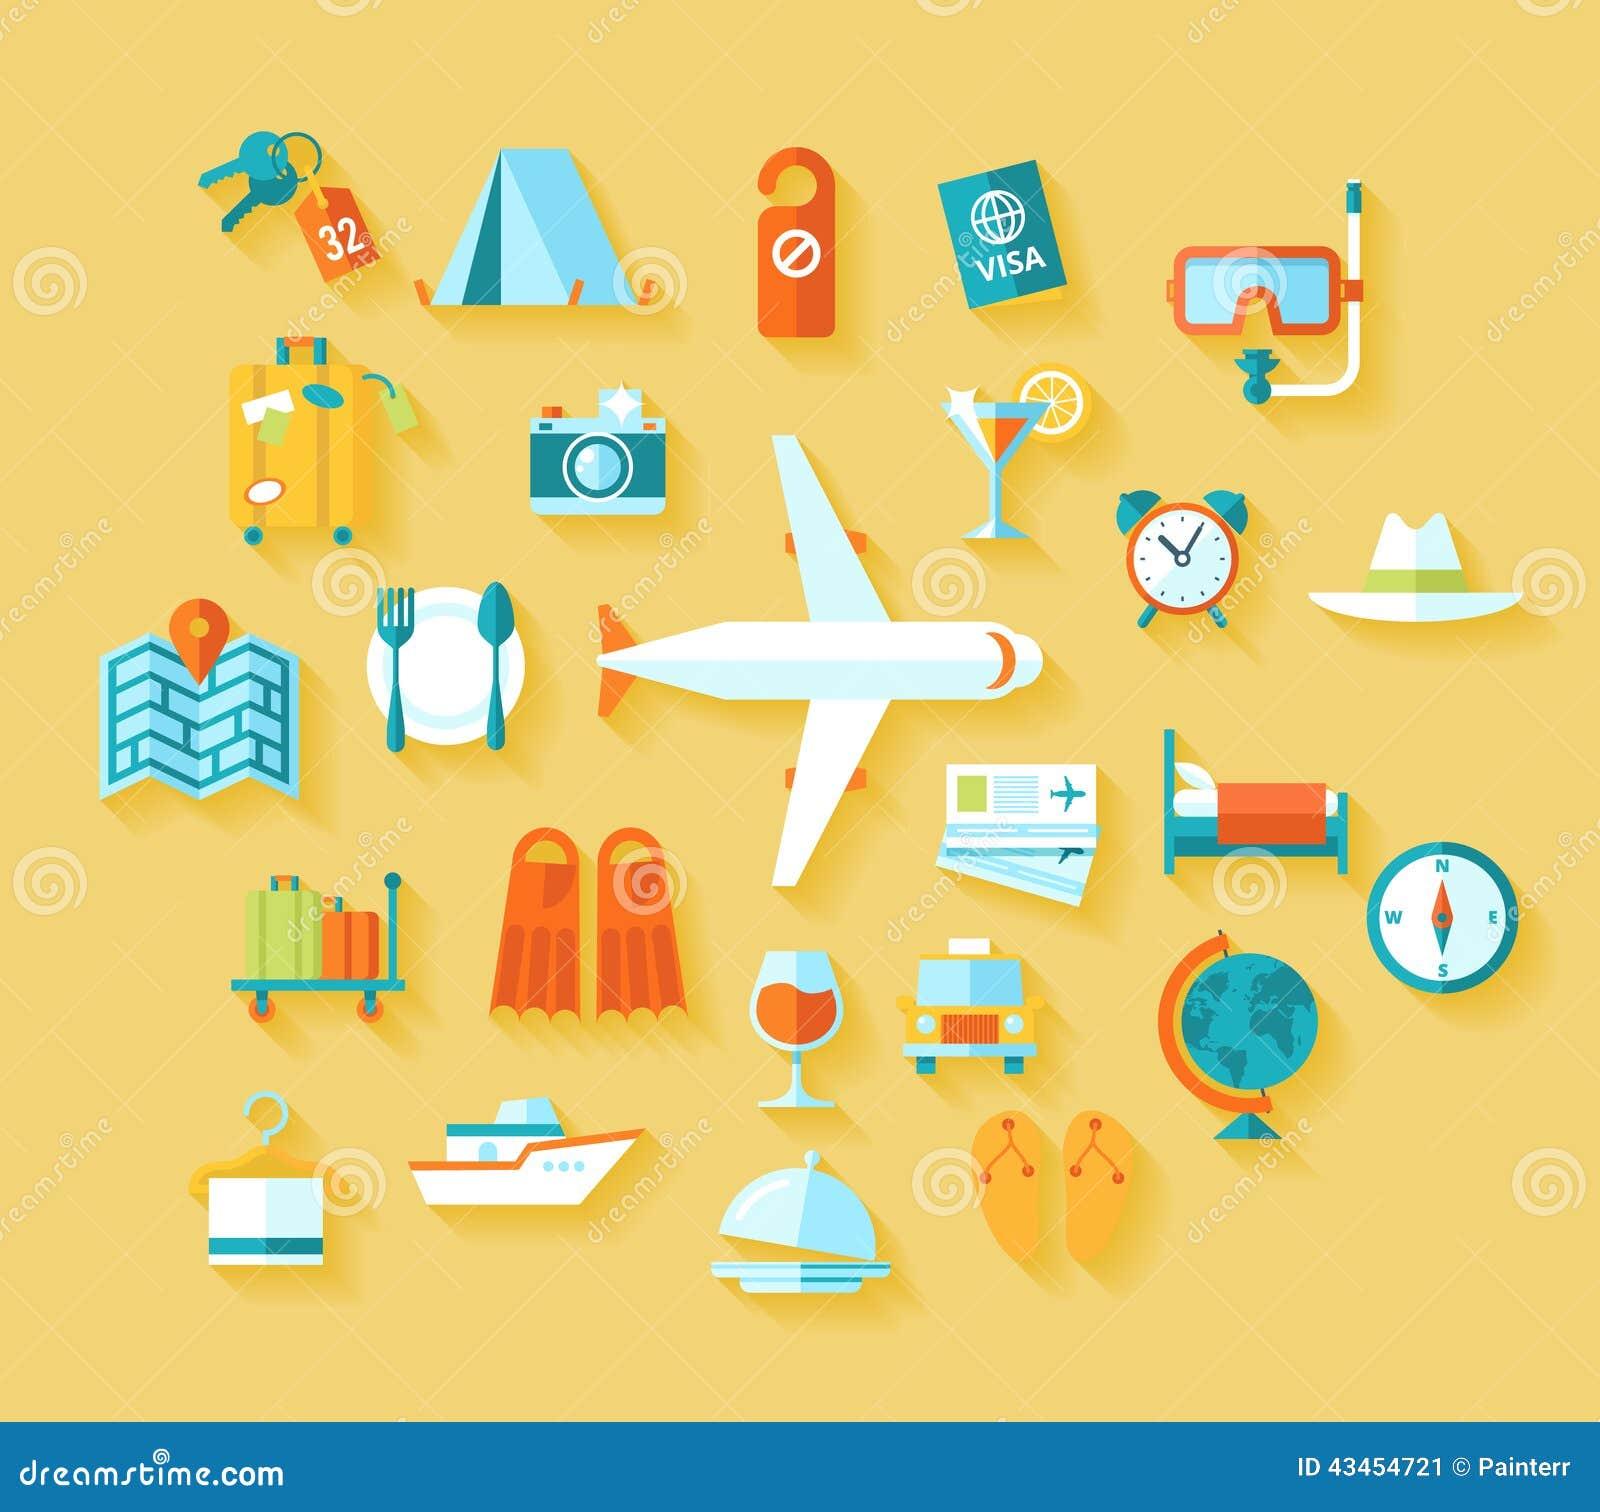 Los iconos modernos del ejemplo del estilo plano del diseño fijaron de viajar en el aeroplano, planeando vacaciones de verano, tu